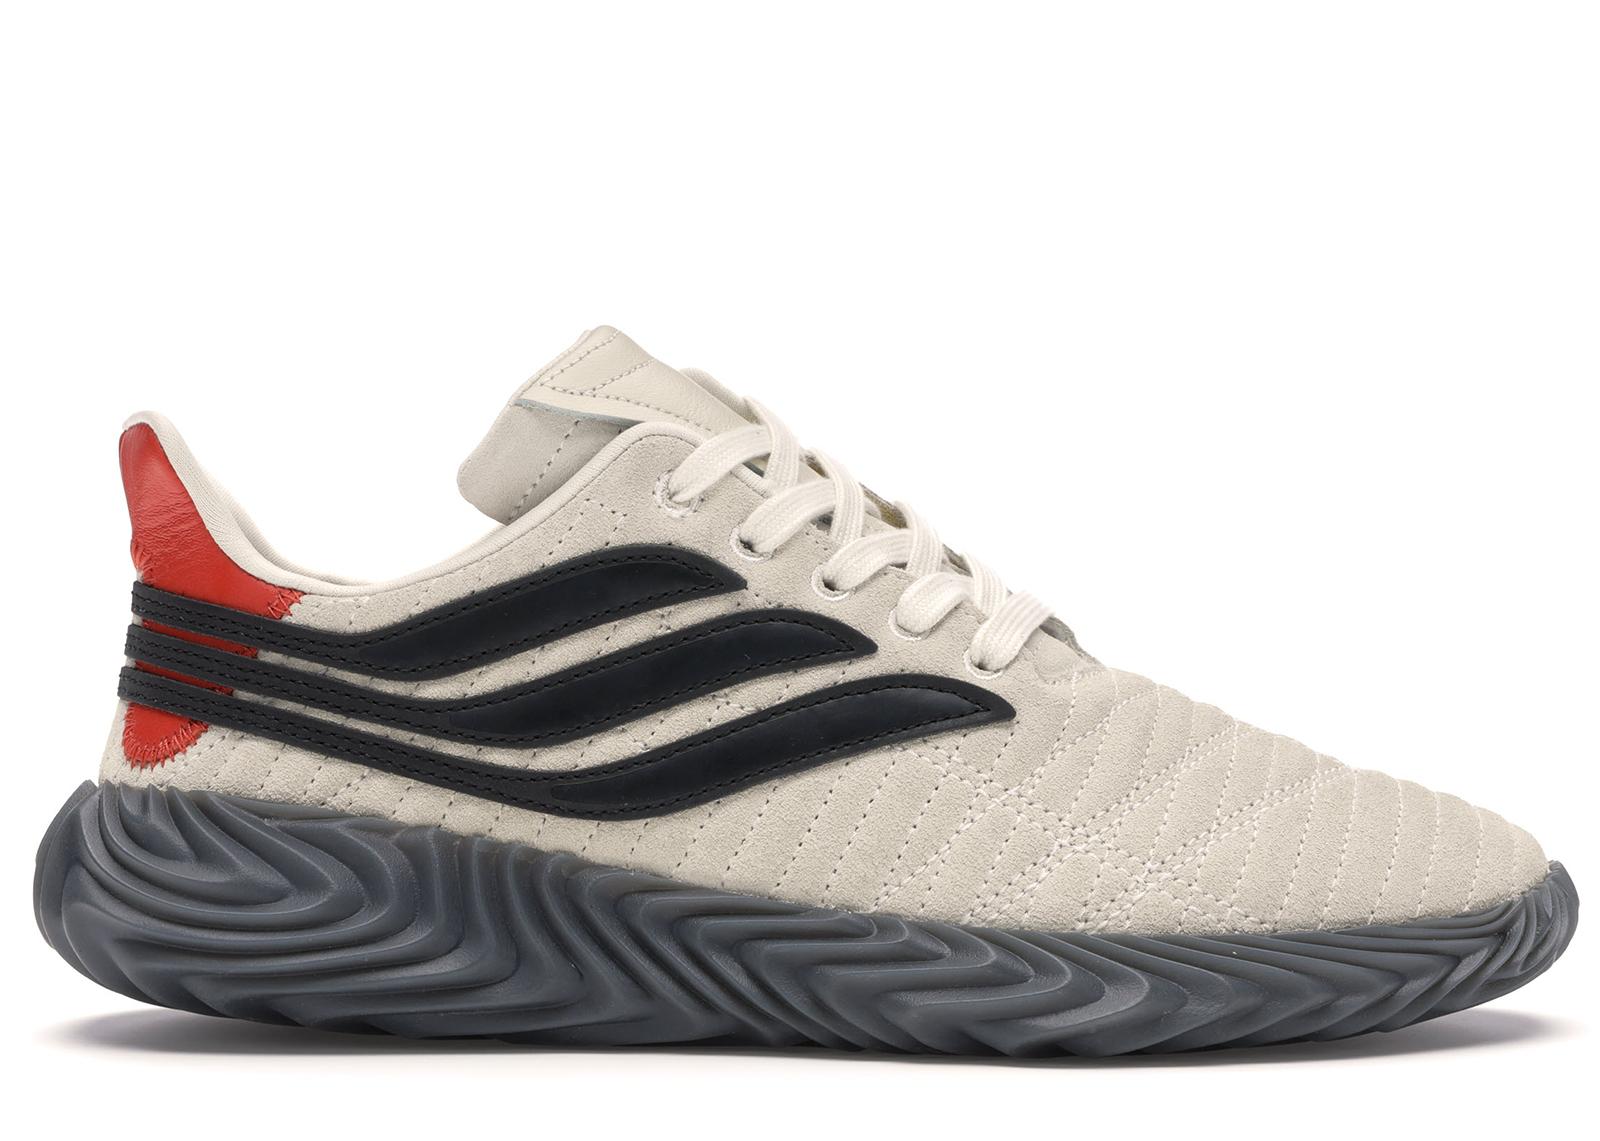 adidas Sobakov Off White Core Black Raw